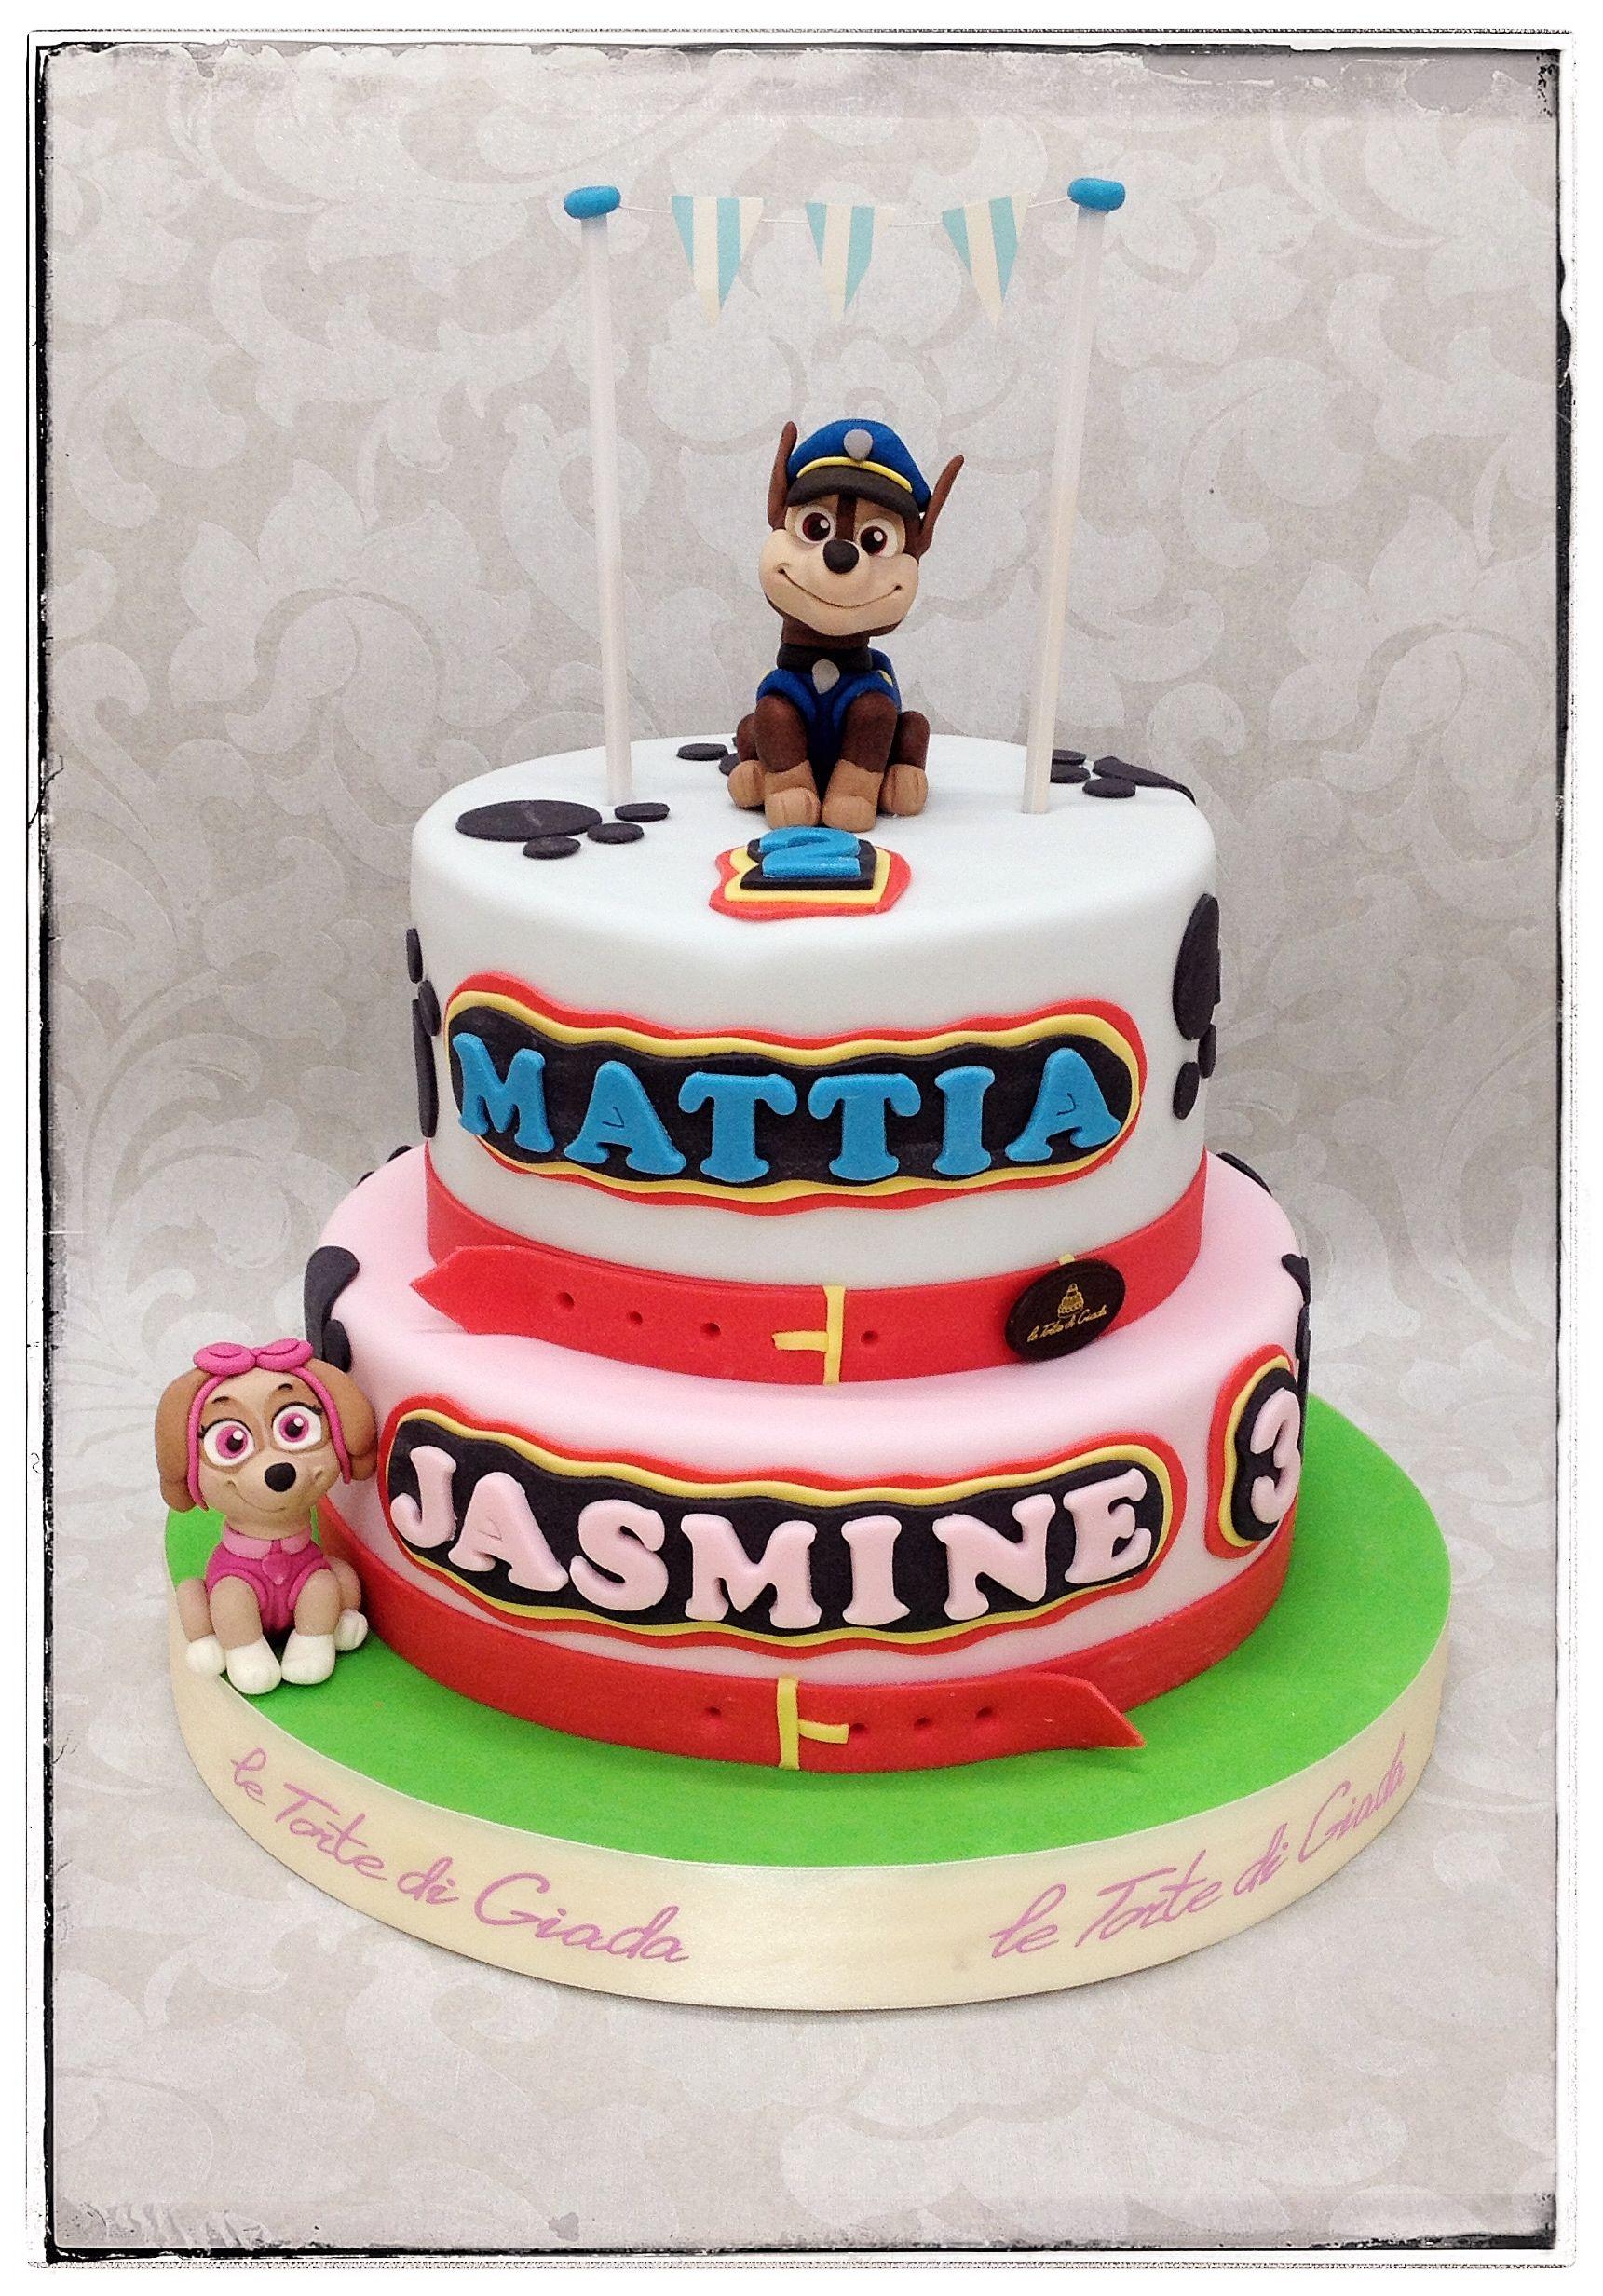 Strange Paw Patrol Cake Parties Boy And Girl Sugar Cake Bolo De Bolas Personalised Birthday Cards Paralily Jamesorg